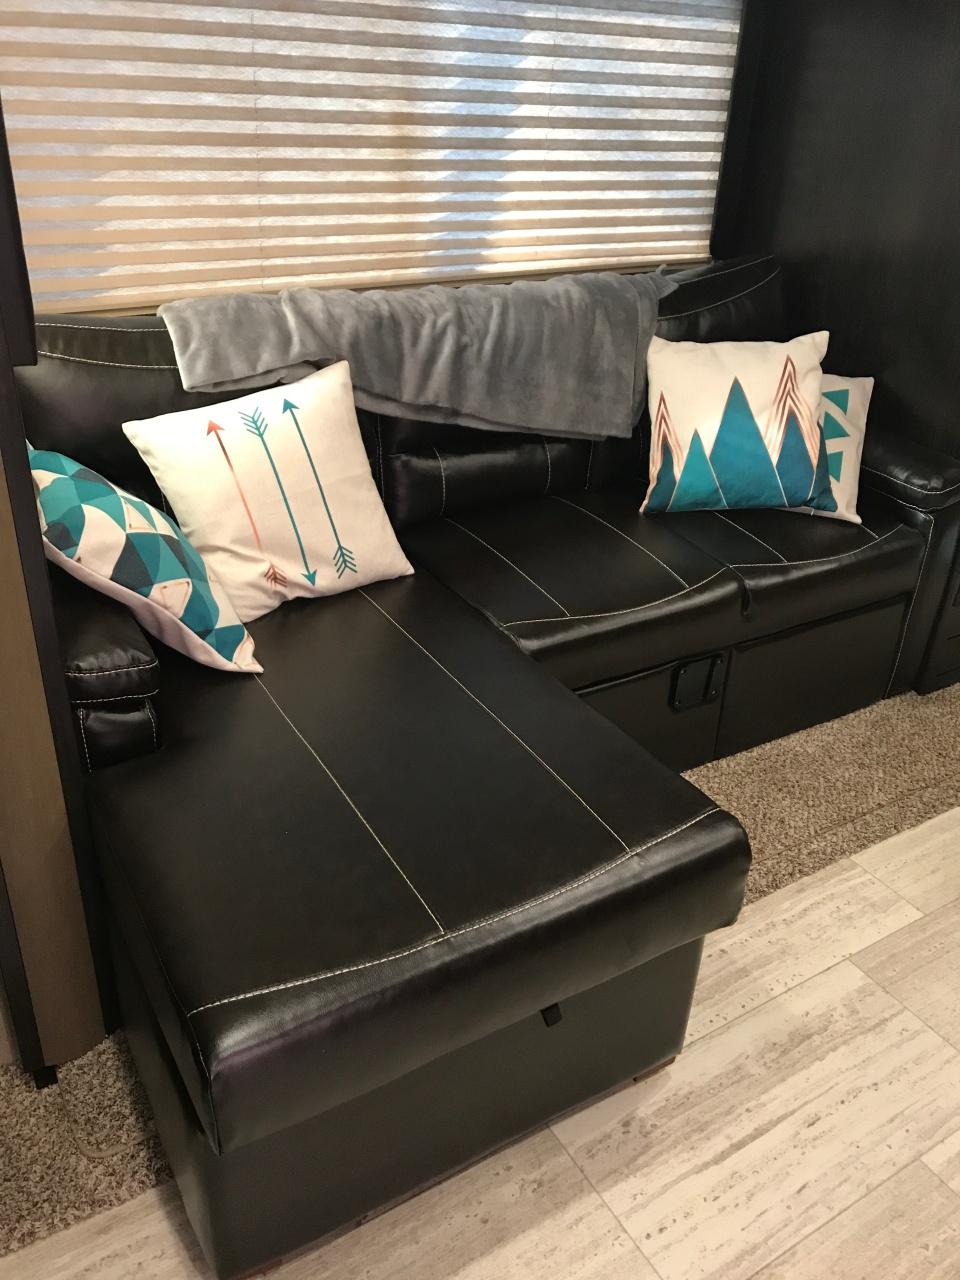 Grand Design Imagine Couch